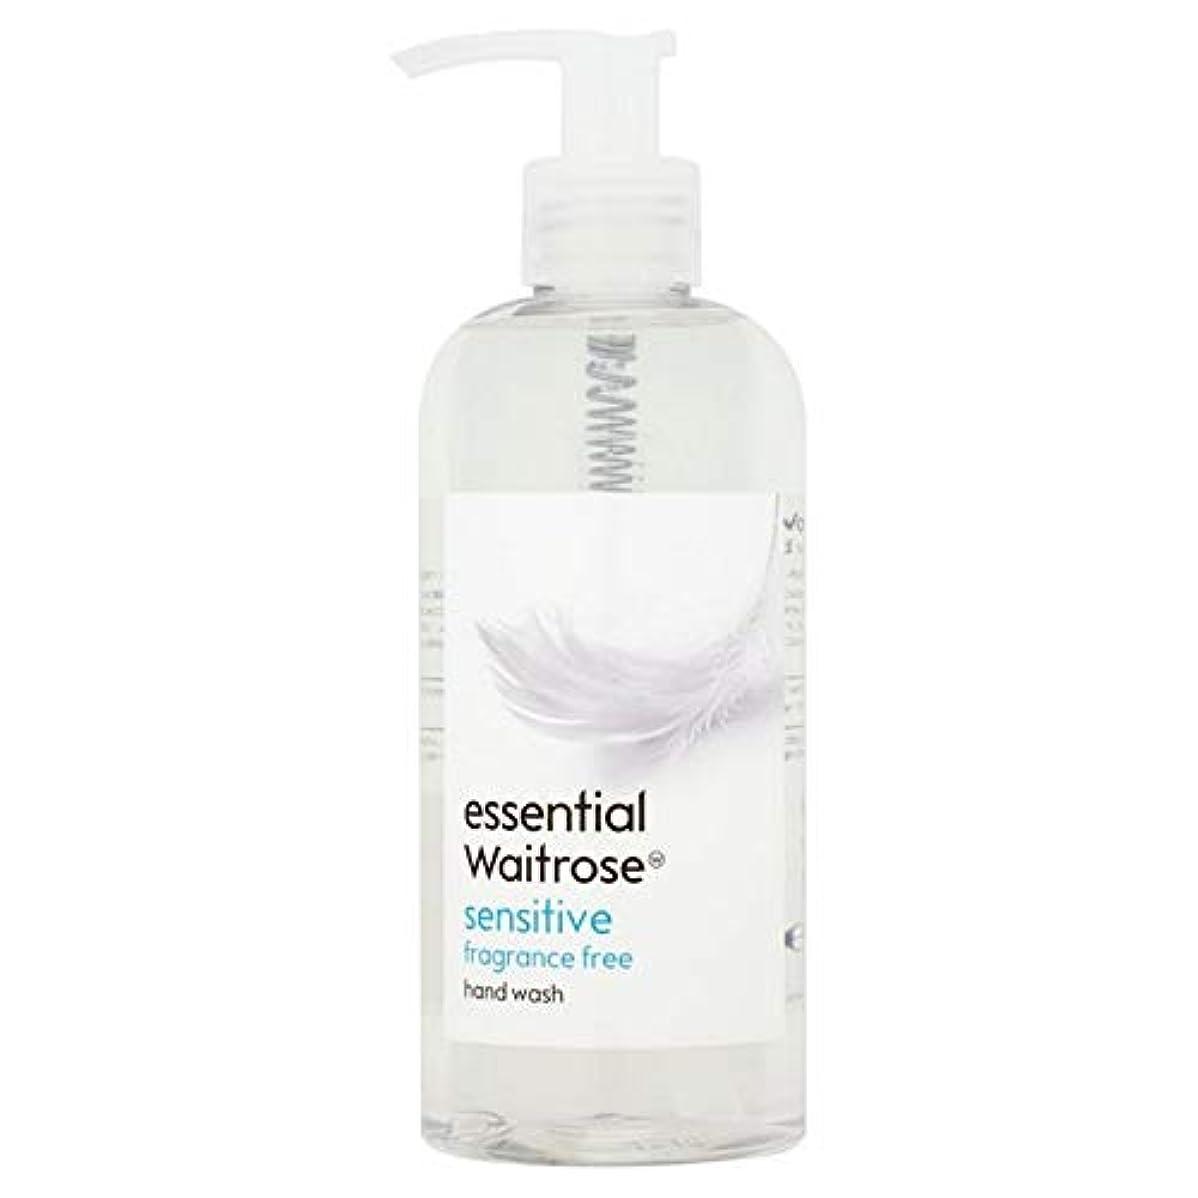 ゆるくピカソ回答[Waitrose ] 基本的なウェイトローズのハンドウォッシュ敏感な300ミリリットル - Essential Waitrose Hand Wash Sensitive 300ml [並行輸入品]